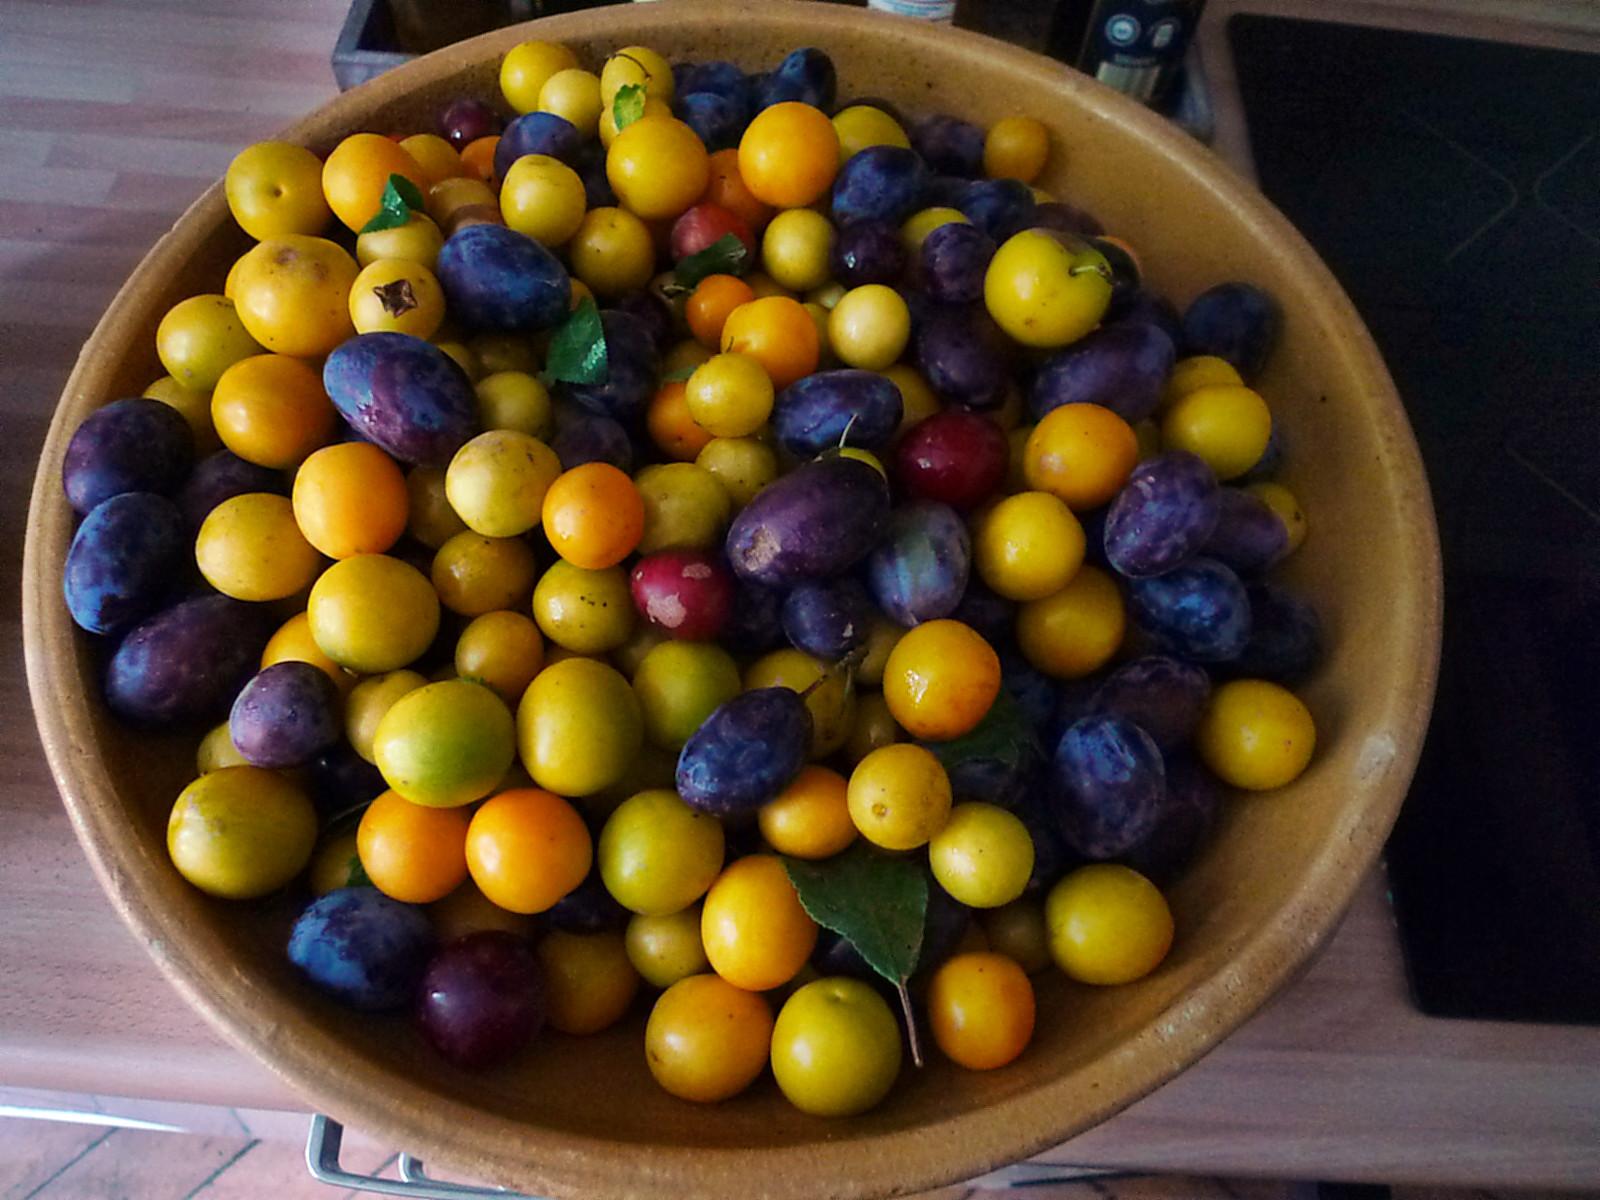 Obst aus Nermsdorf-6.8.14   (2)